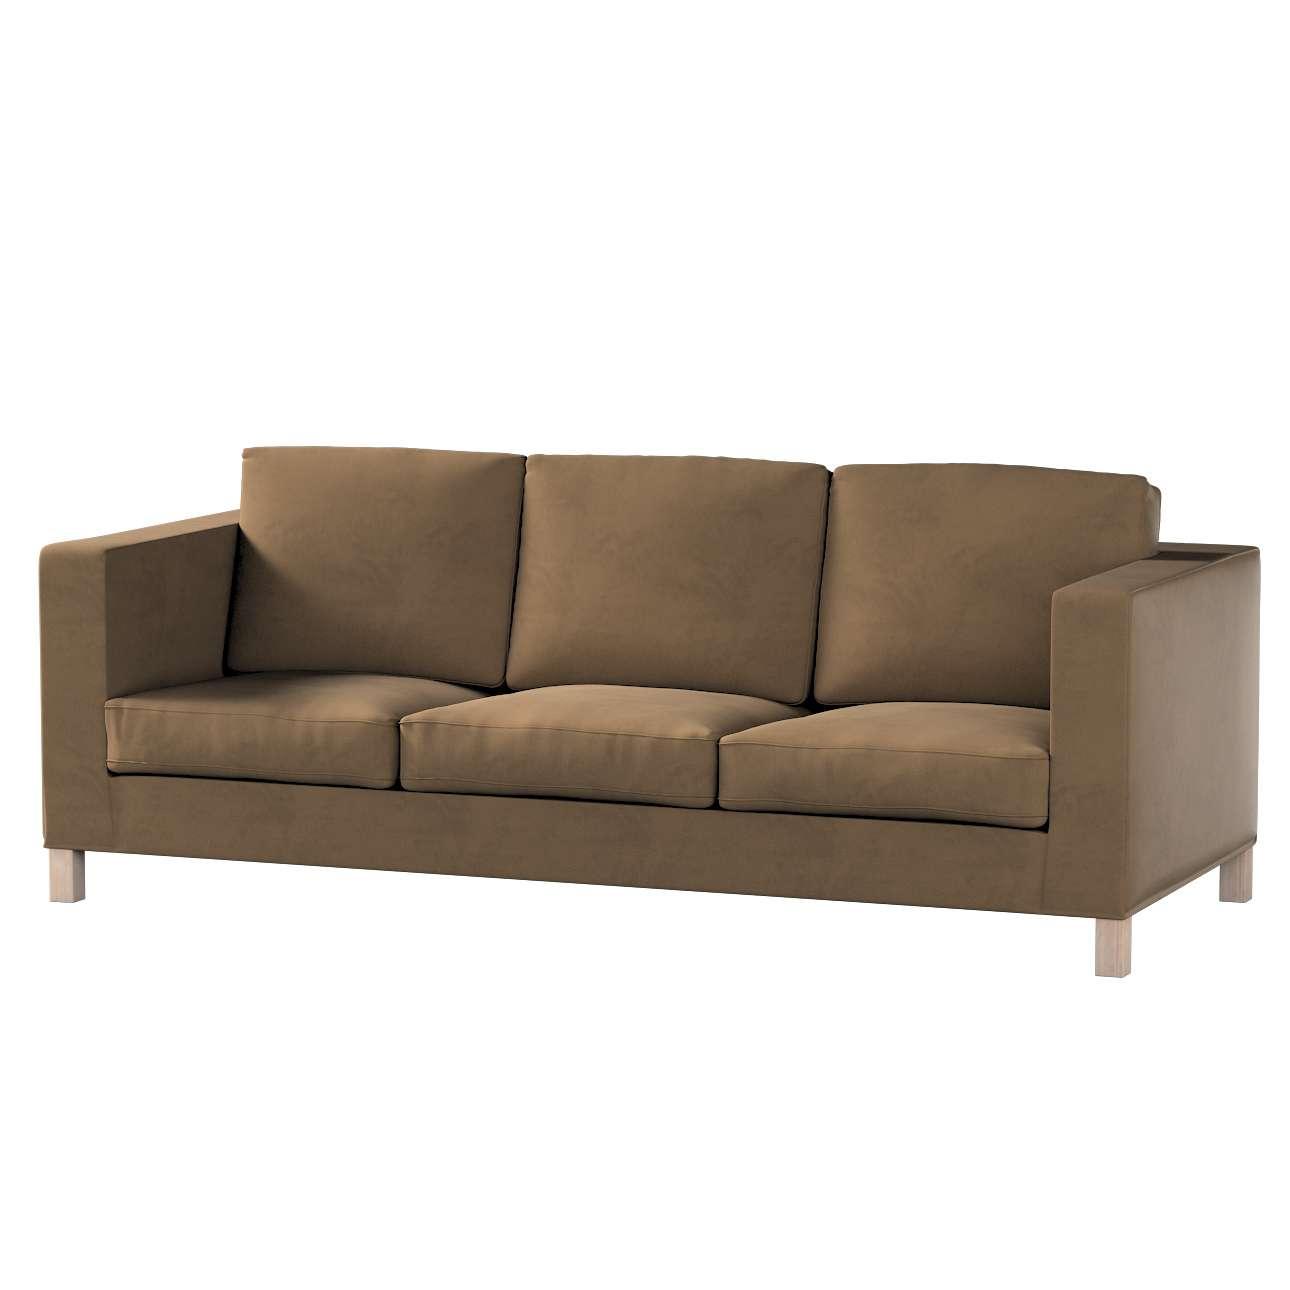 Karlanda klädsel <br>3-sits soffa - kort klädsel i kollektionen Living 2, Tyg: 160-94